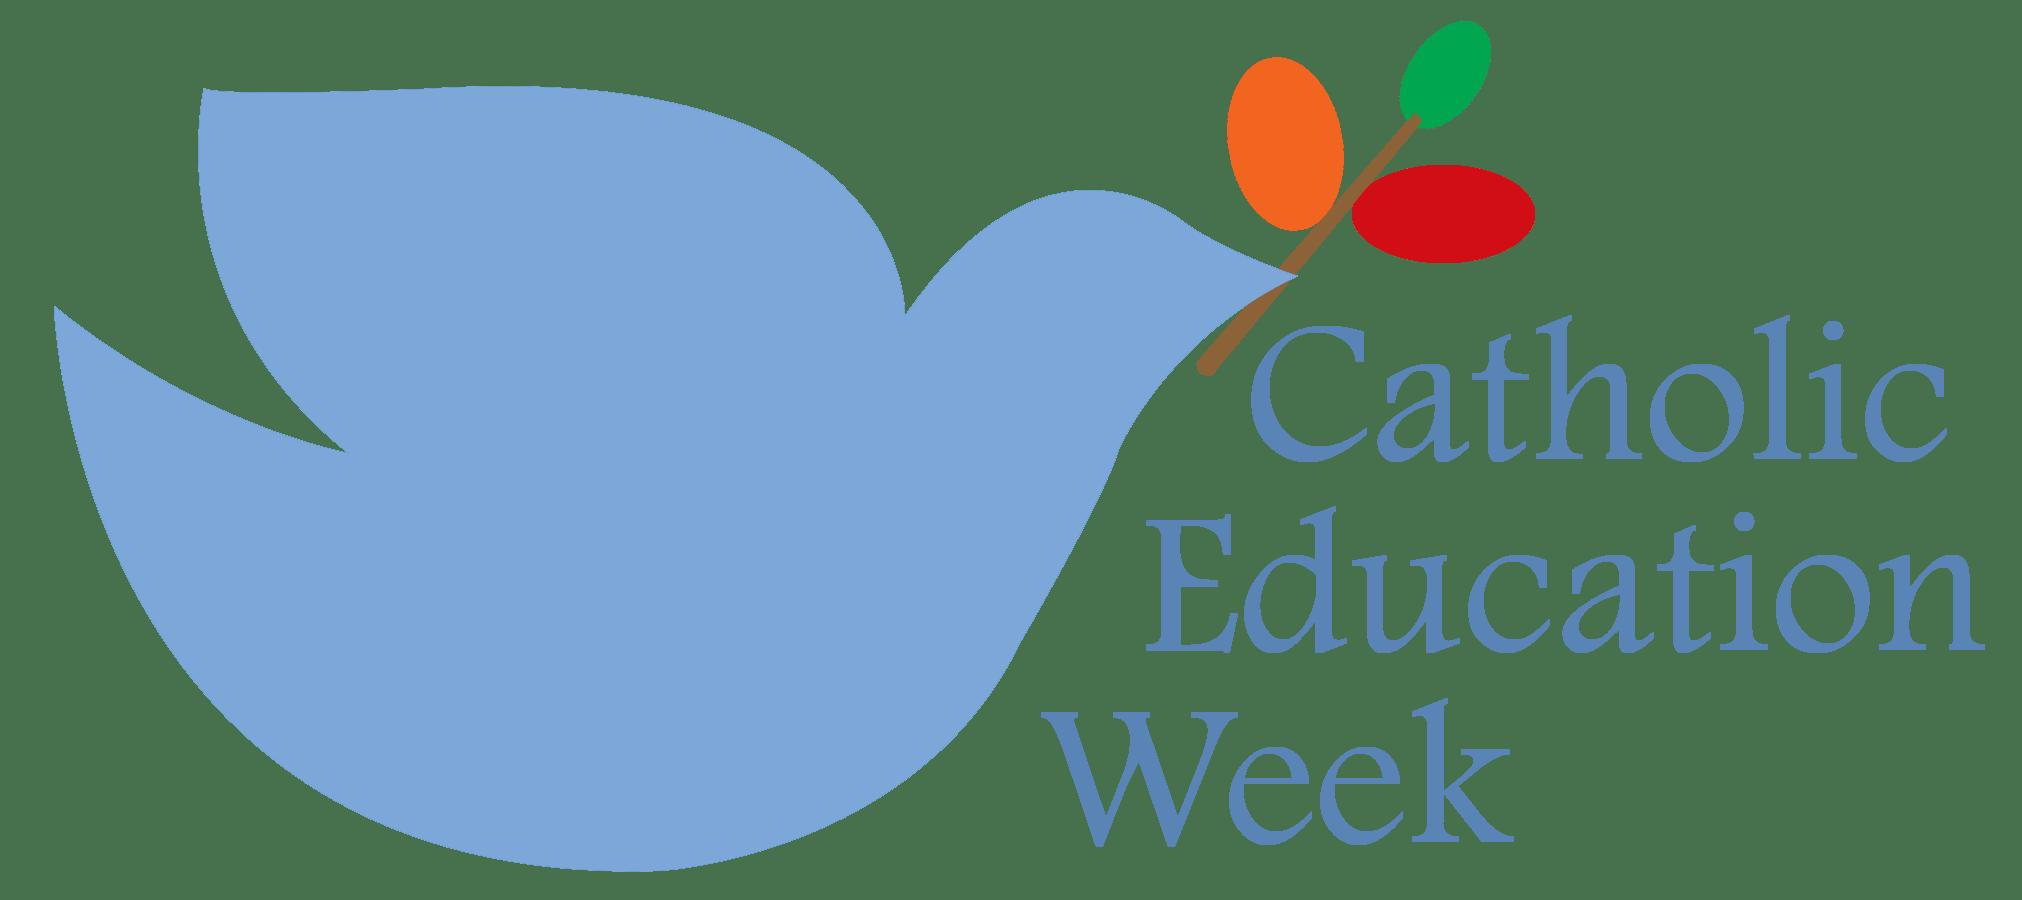 Catholic Education Week  May 5  May 10 2019  Ontario